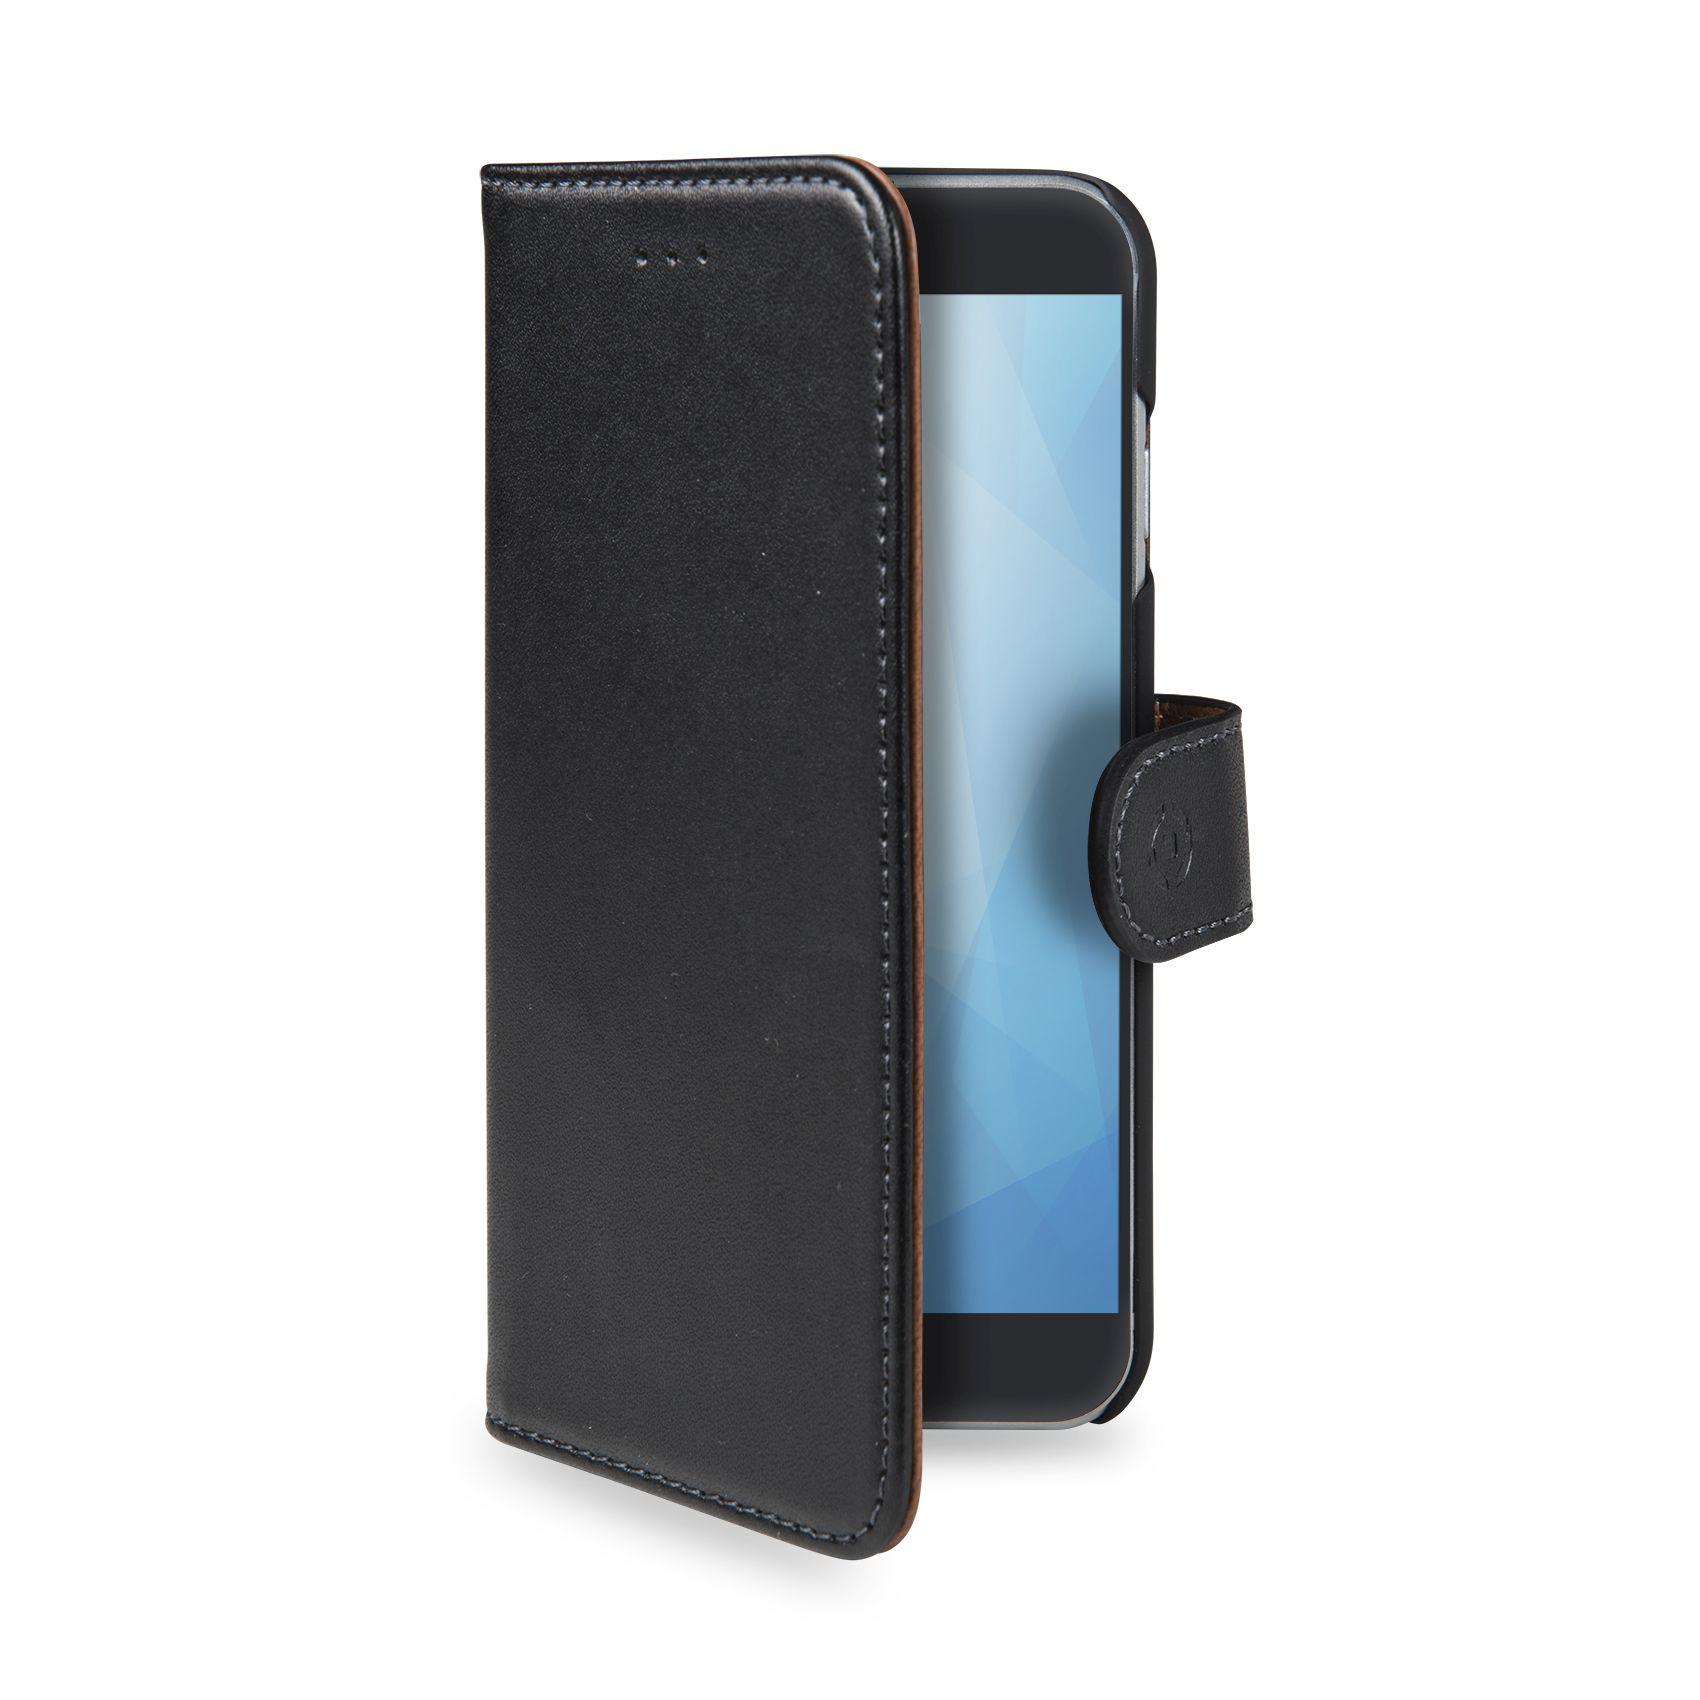 Pouzdro typu kniha Wallet Honor View 10, černé